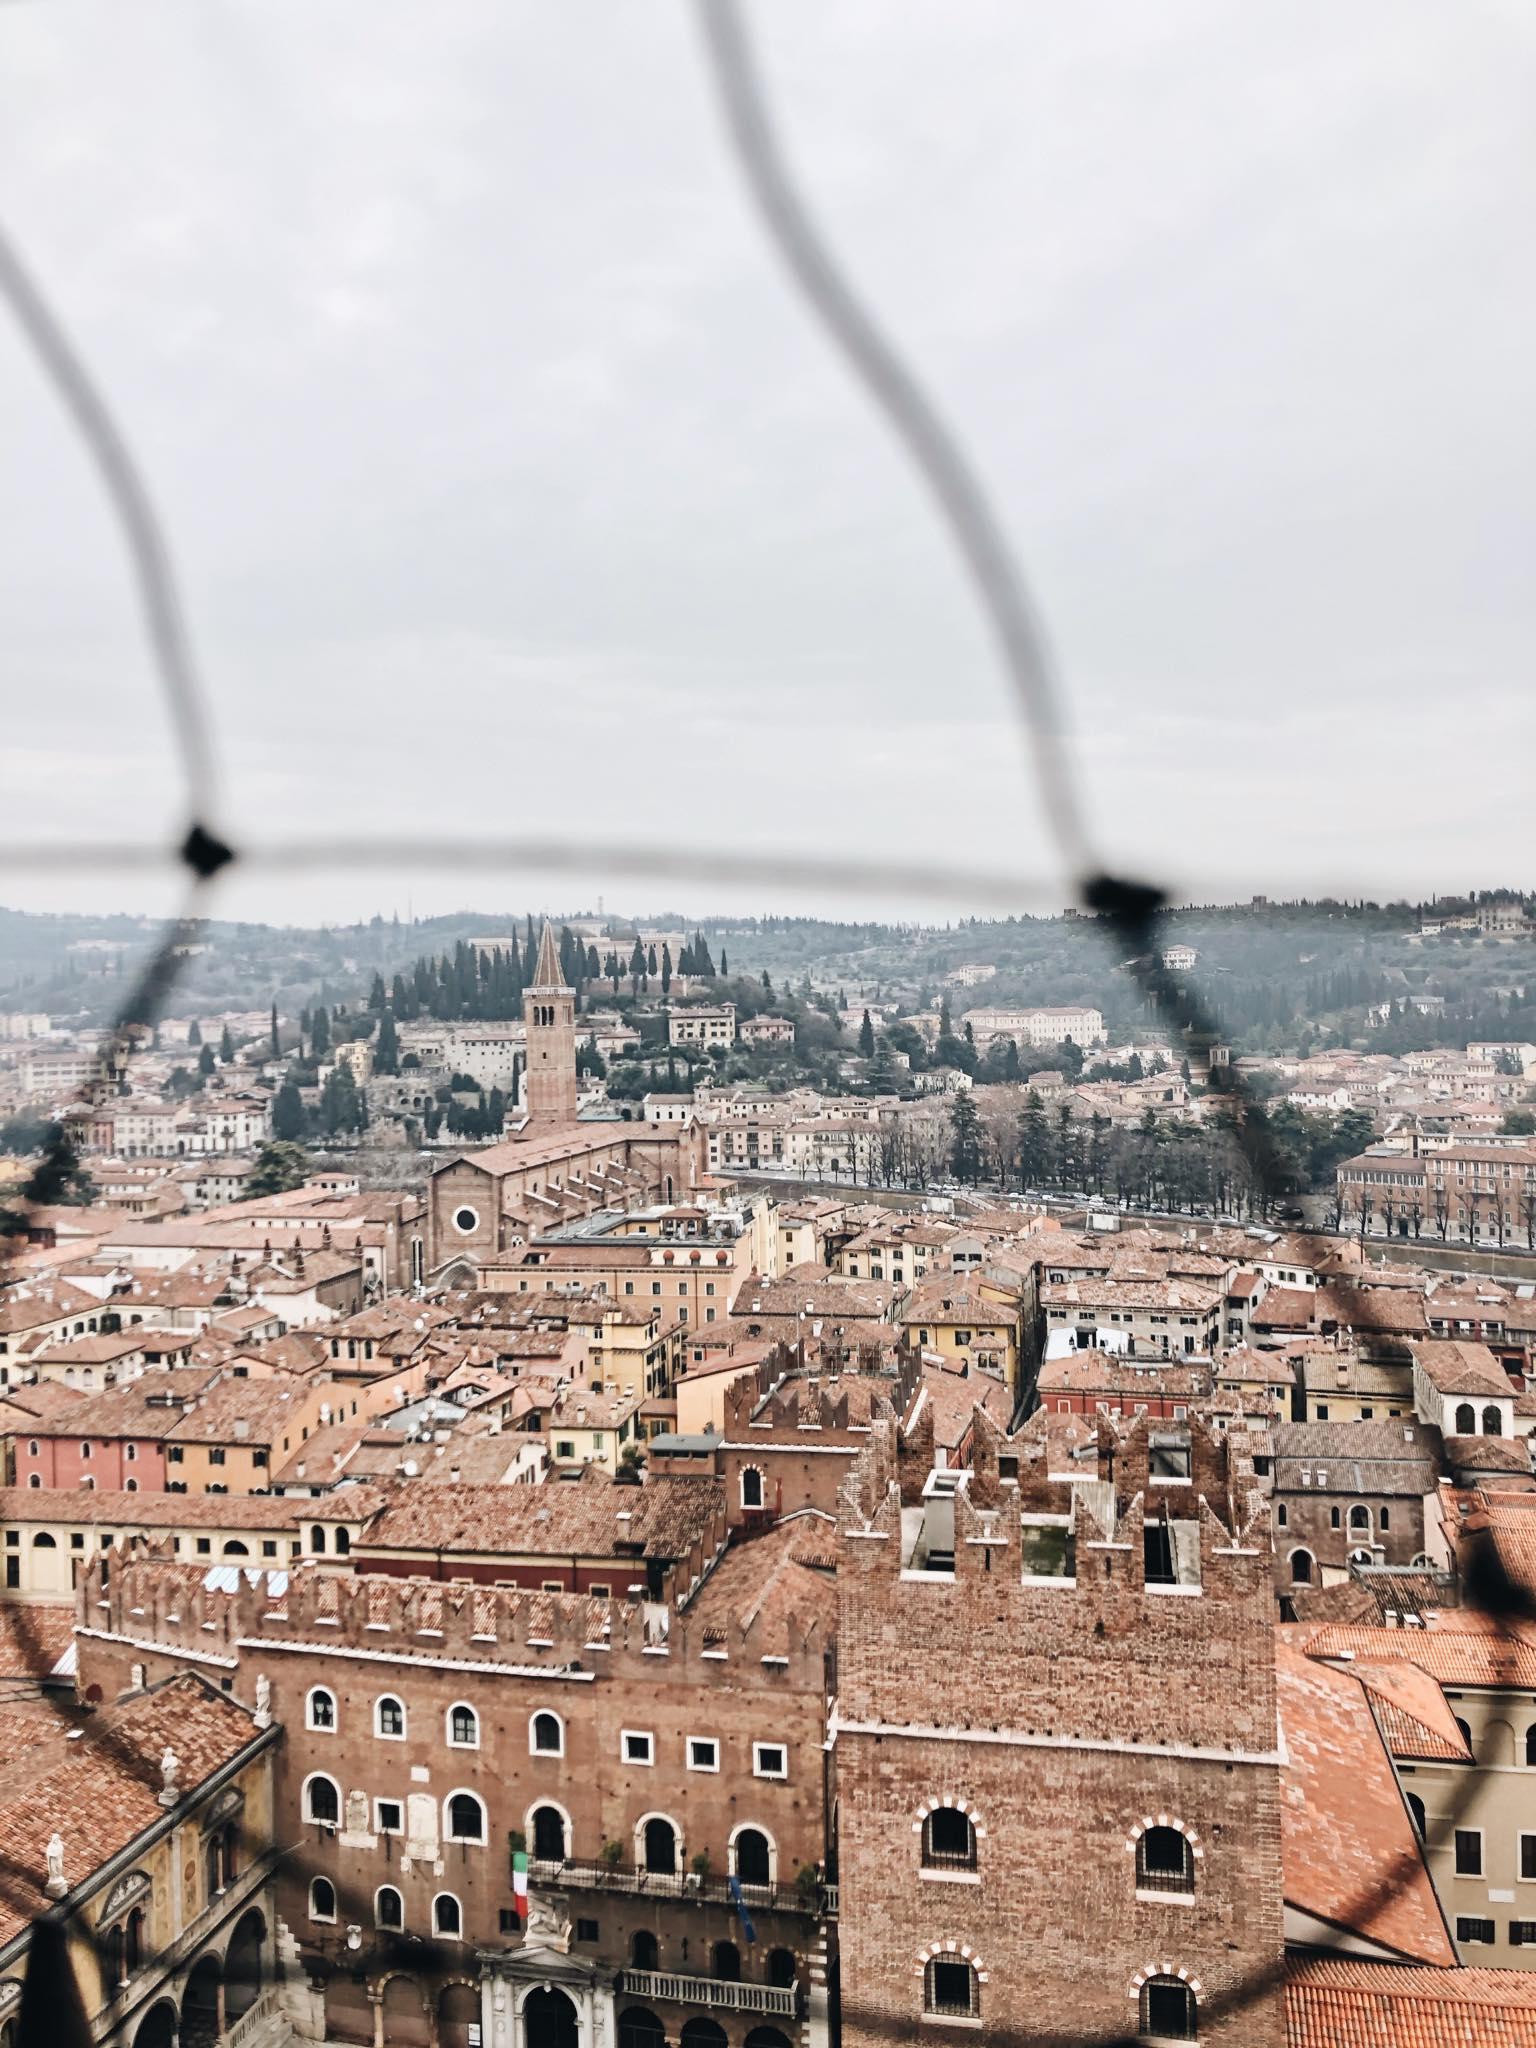 verona vista dall'alto con chiese monumenti